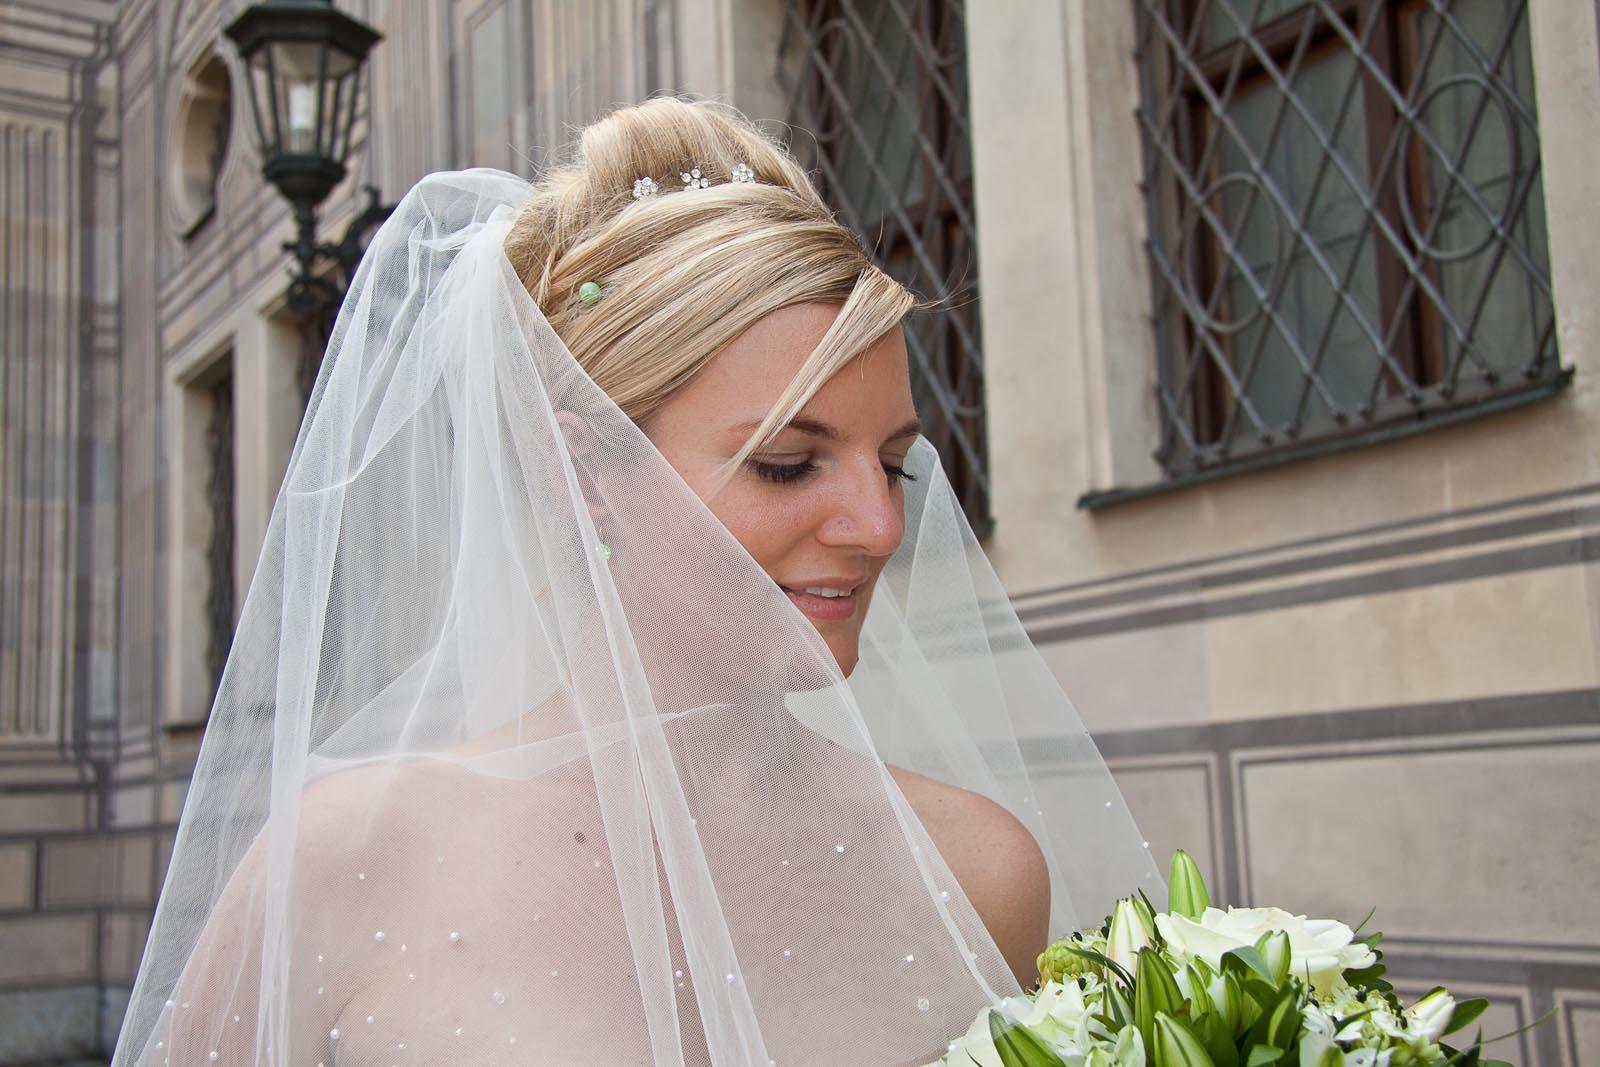 Hochzeitsportraits-Bindl-Hochzeitsportraits-Bindl-8521.jpg